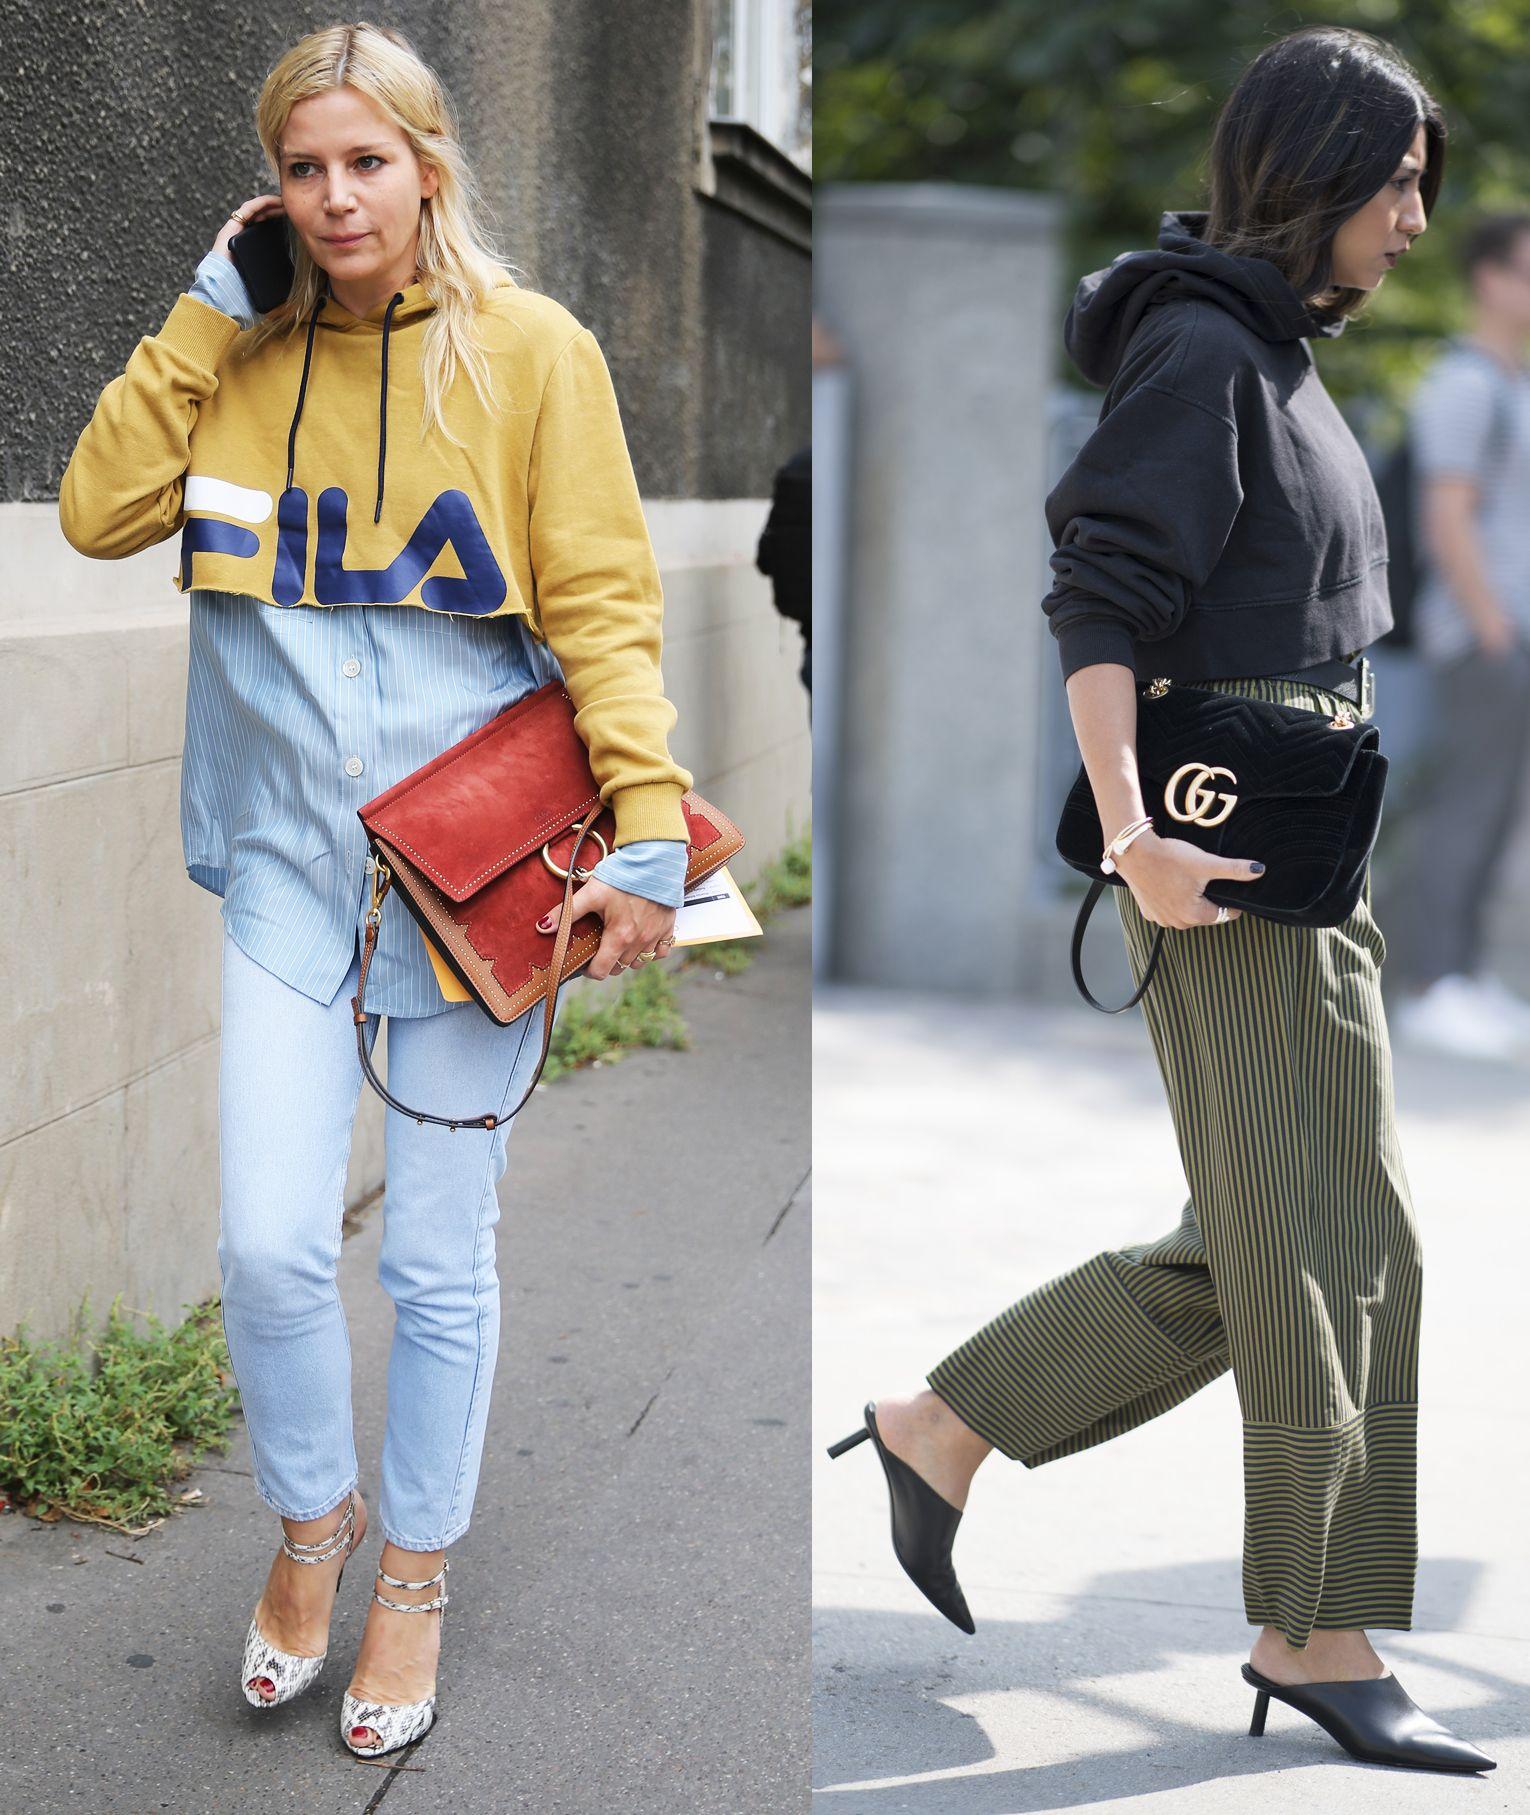 Moda 2018 Felpe Estate 9 Le Abbinare Outfit Donna Per XuwZPTOki